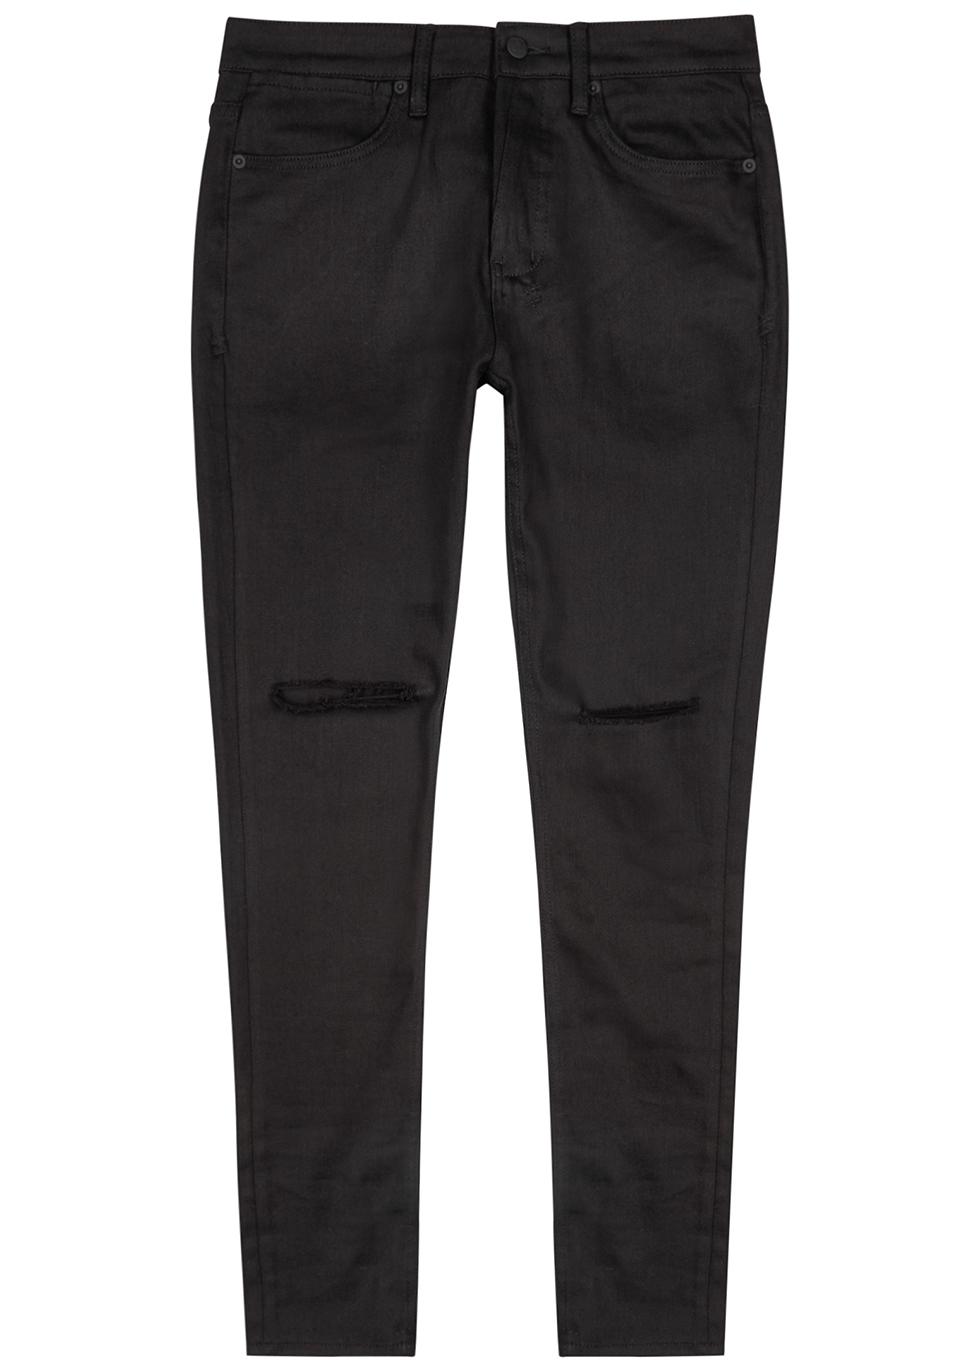 Van Winkle distressed skinny jeans